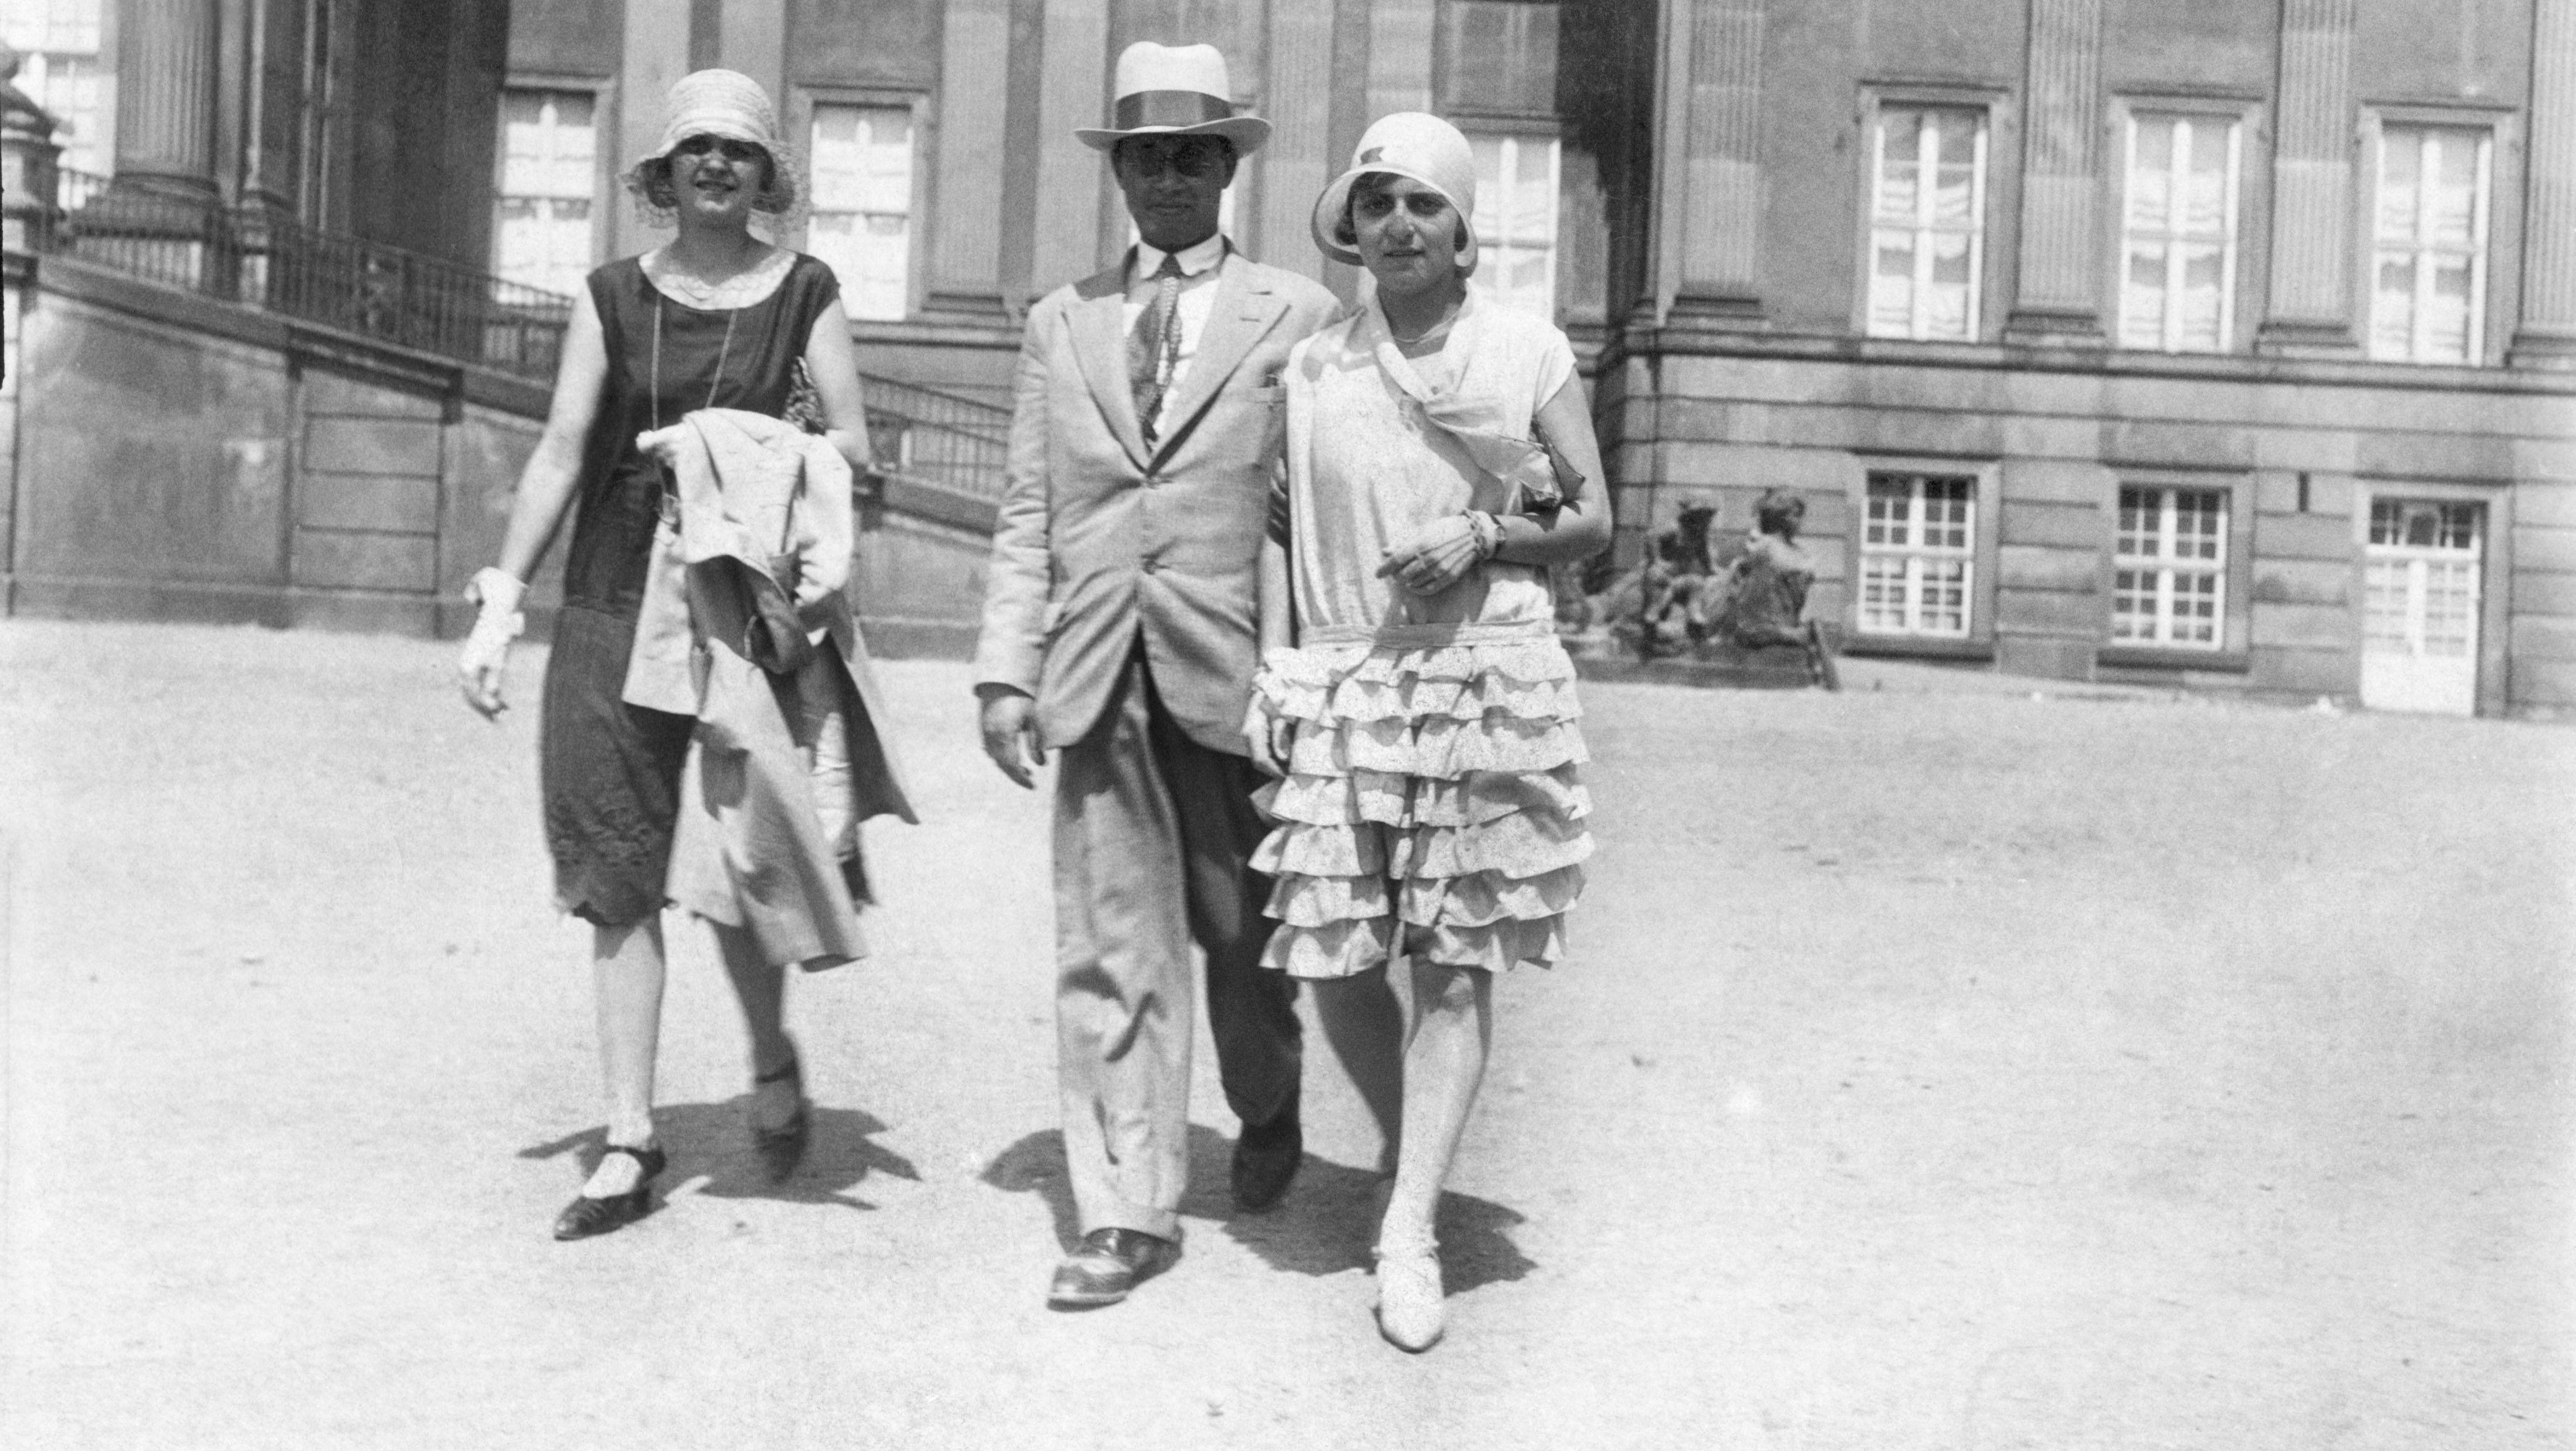 Ein historisches Schwarz-weiß-Foto von einem Mann und zwei Frauen, dir über einen Vorplatz laufen.